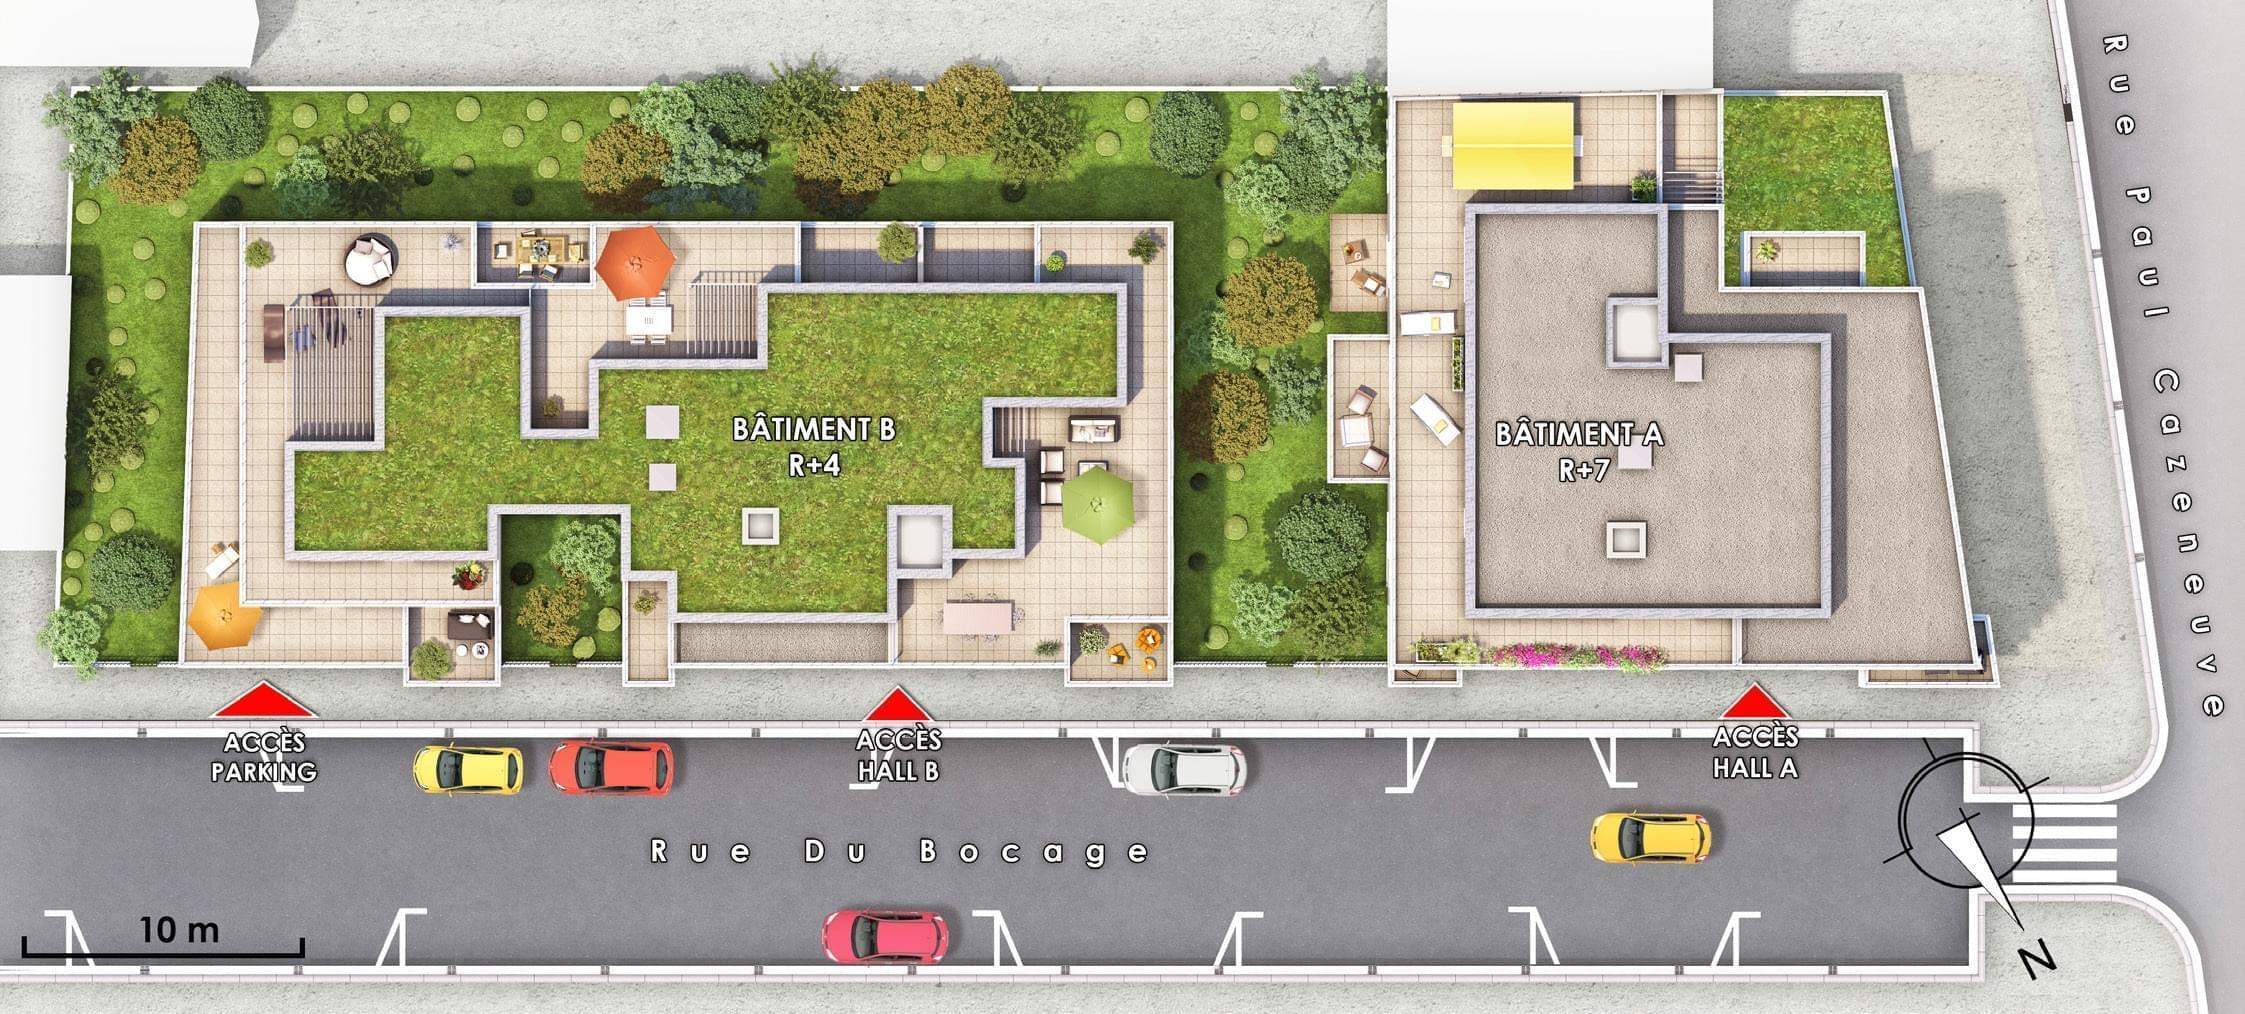 Résidence à Lyon 8 Proche tram T2 et T4, Commerces, médiathèques, ..., Dimension humaine,